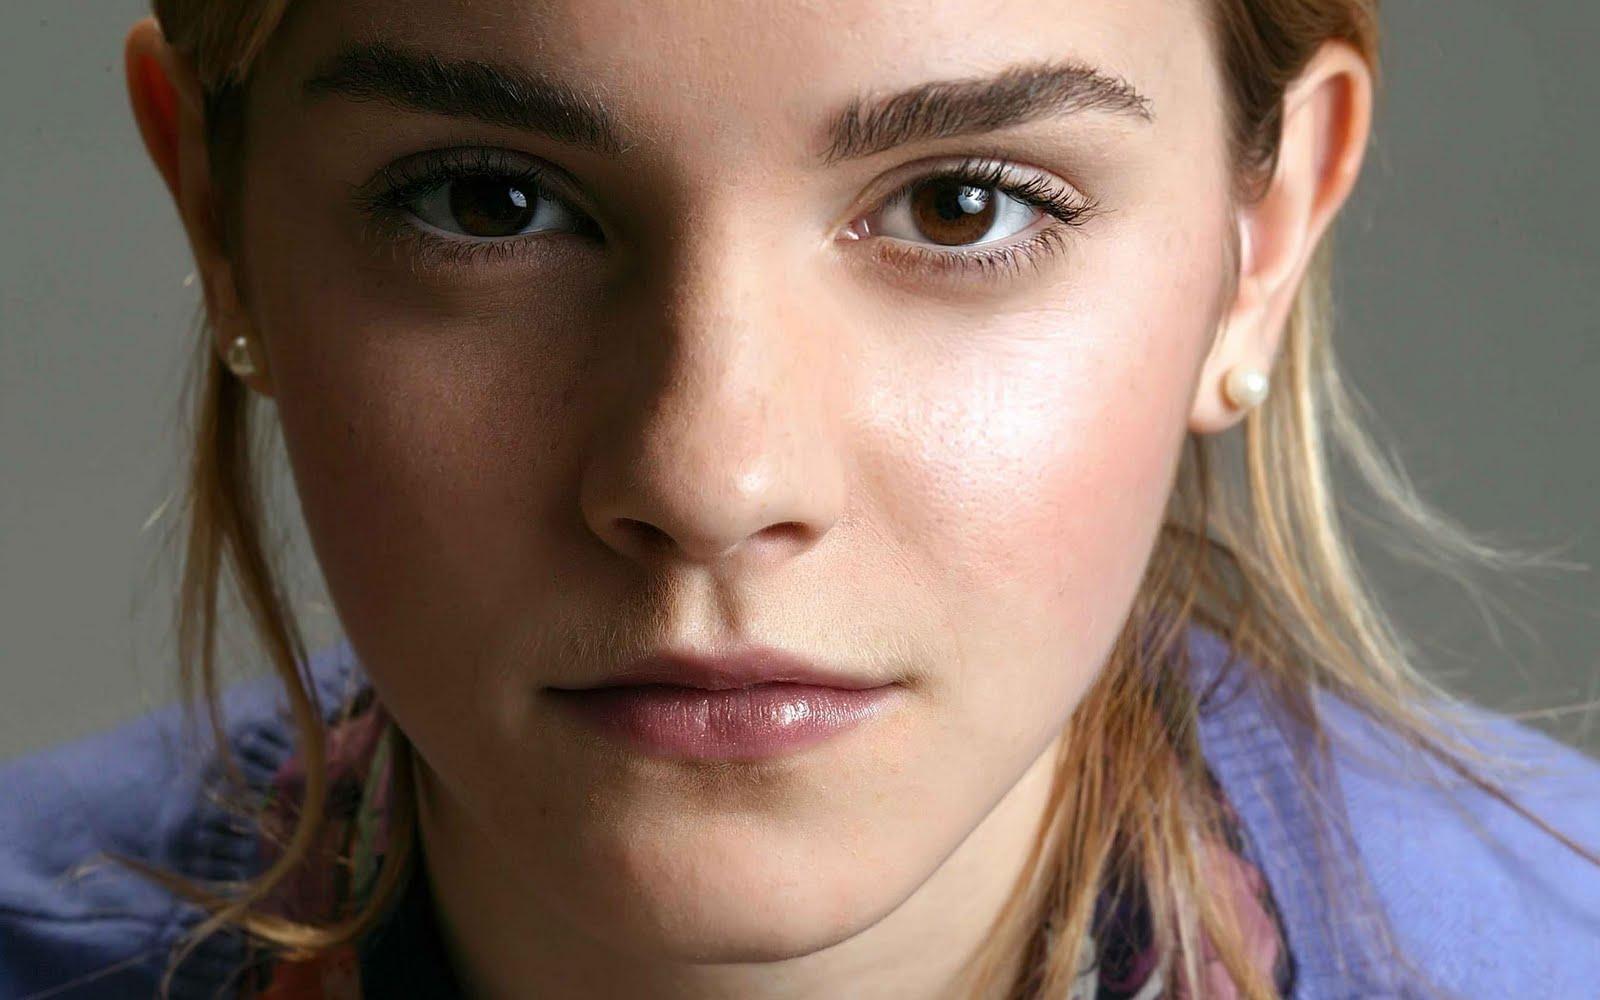 http://4.bp.blogspot.com/-vvRDlWRWOTc/TbEVP6L8YvI/AAAAAAAAAUs/IfbwCFa1LcM/s1600/Emma+Watson+reportedly+bullied+at+Brown.+Can%2527t+she+take+a+%2527Harry+Potter%2527+joke+sun+news+network.jpg